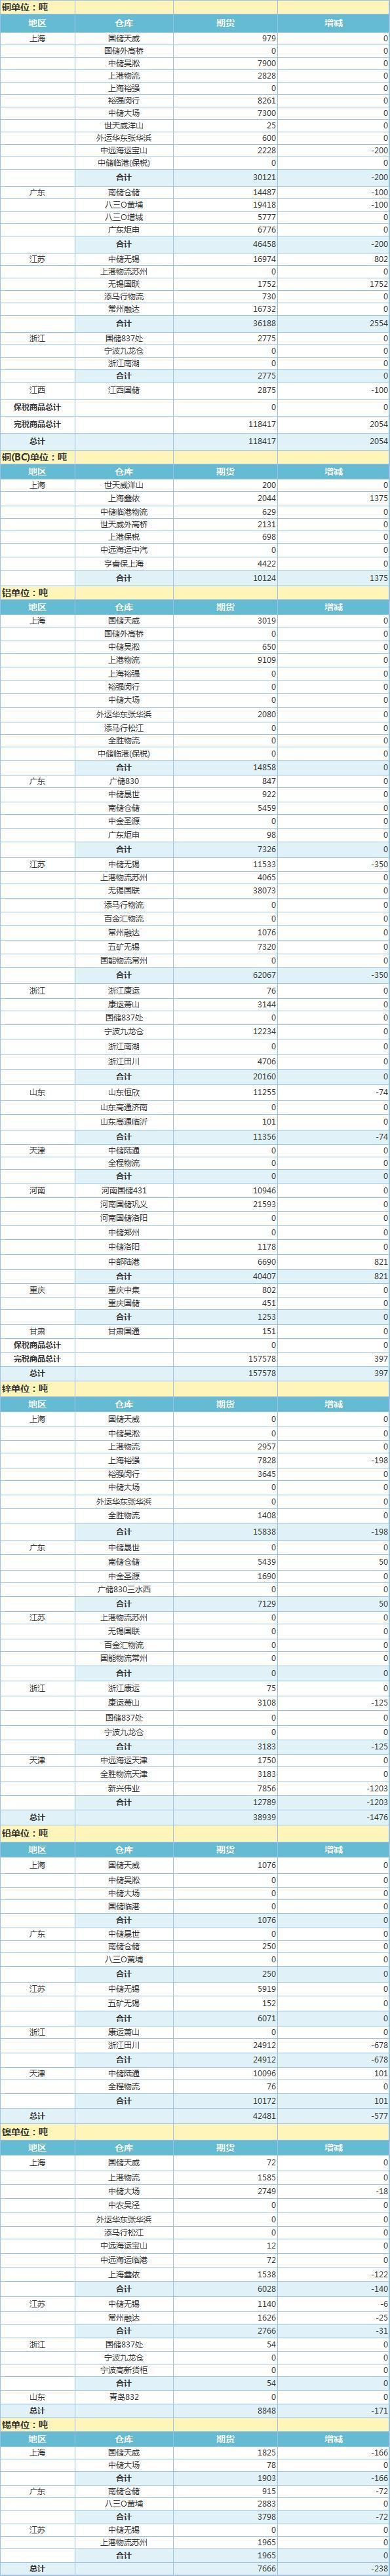 4月13日上海期货交易所金属库存日报